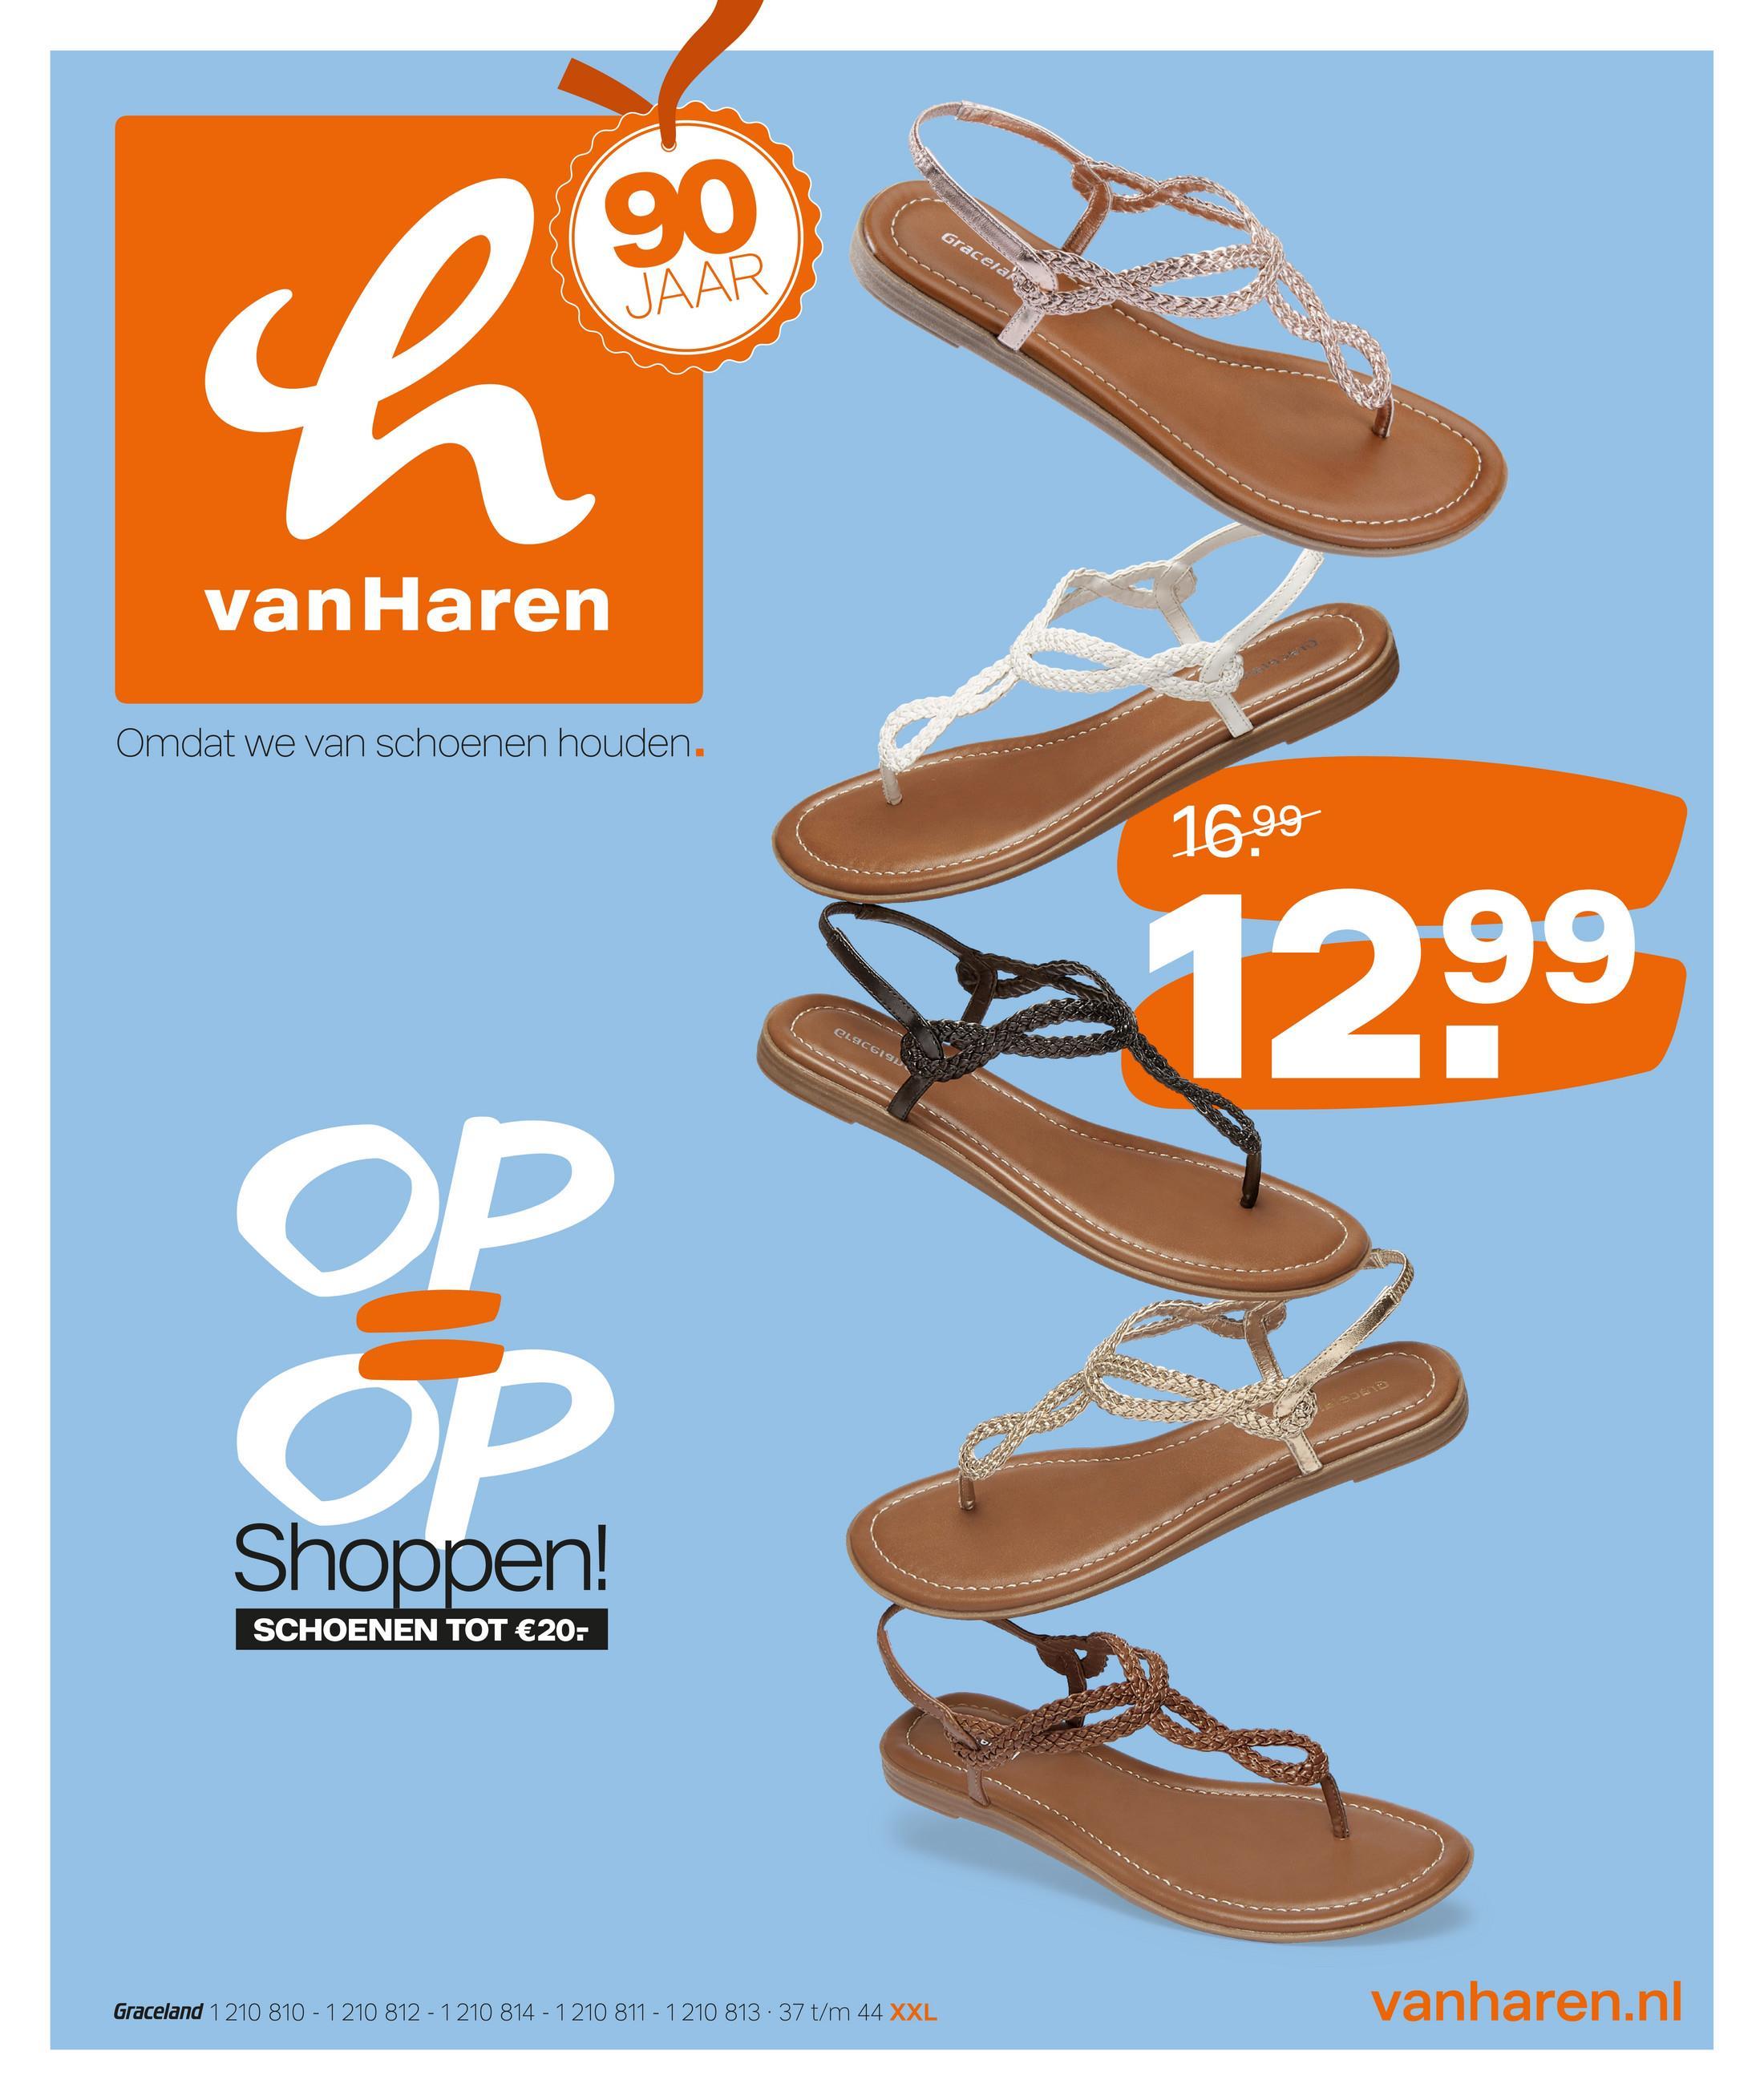 bc09016beb2 Gracelan JAAR van Haren Omdat we van schoenen houden. 16.99 ELECSIS  Shoppen! SCHOENEN TOT